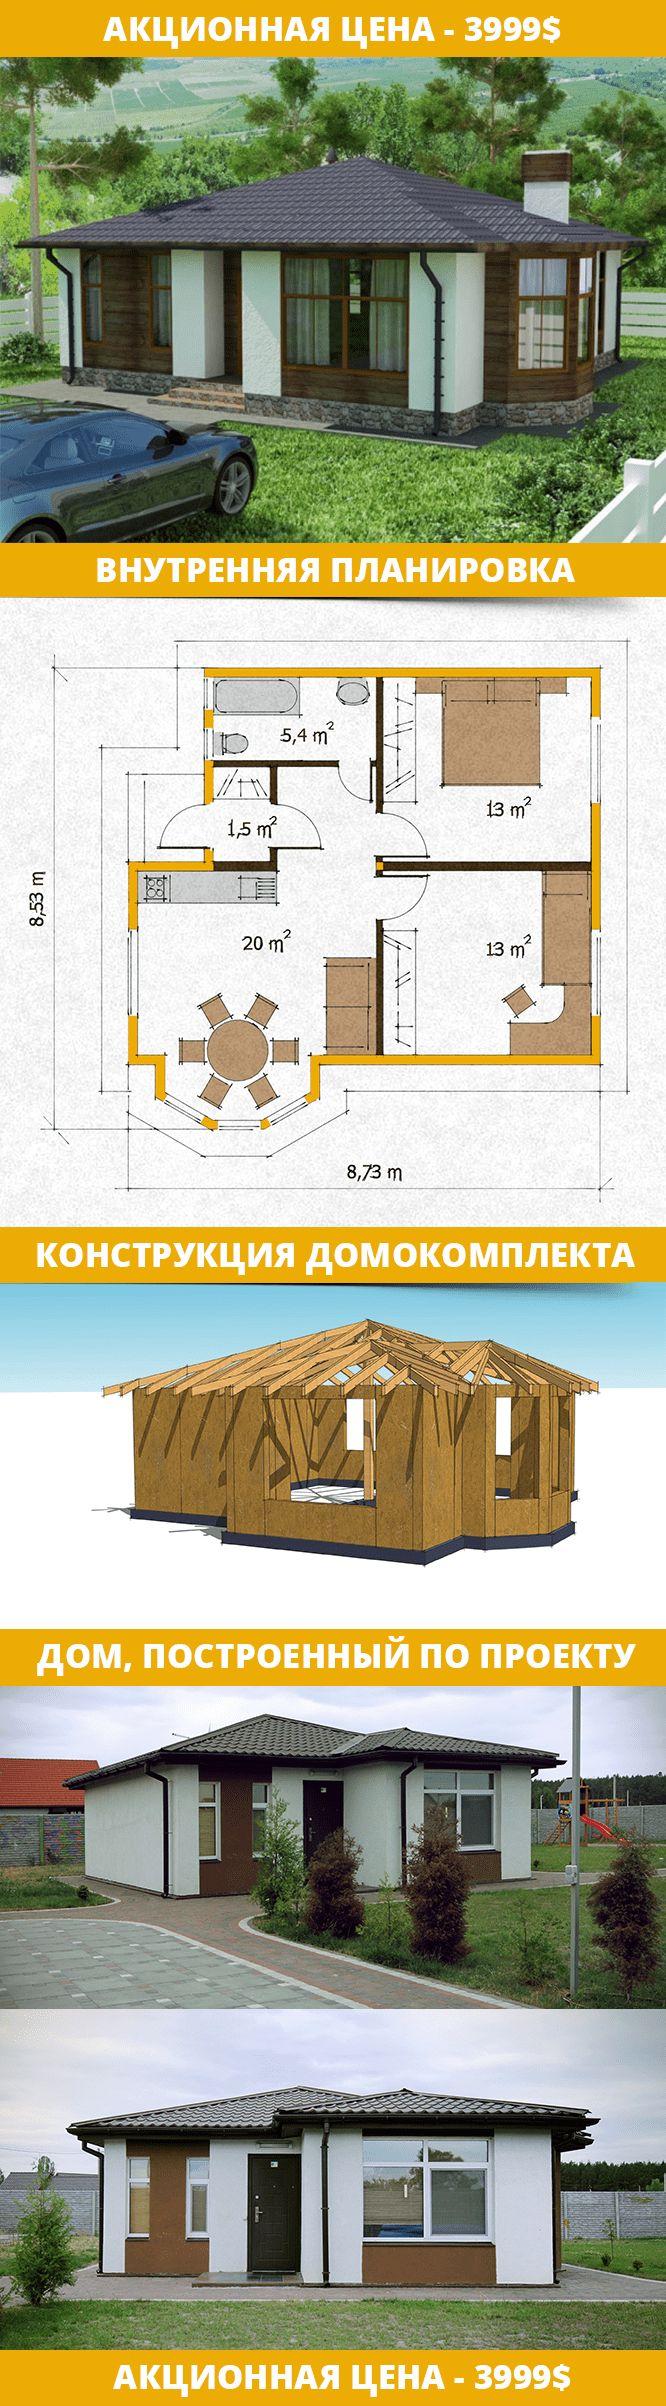 polotno-min